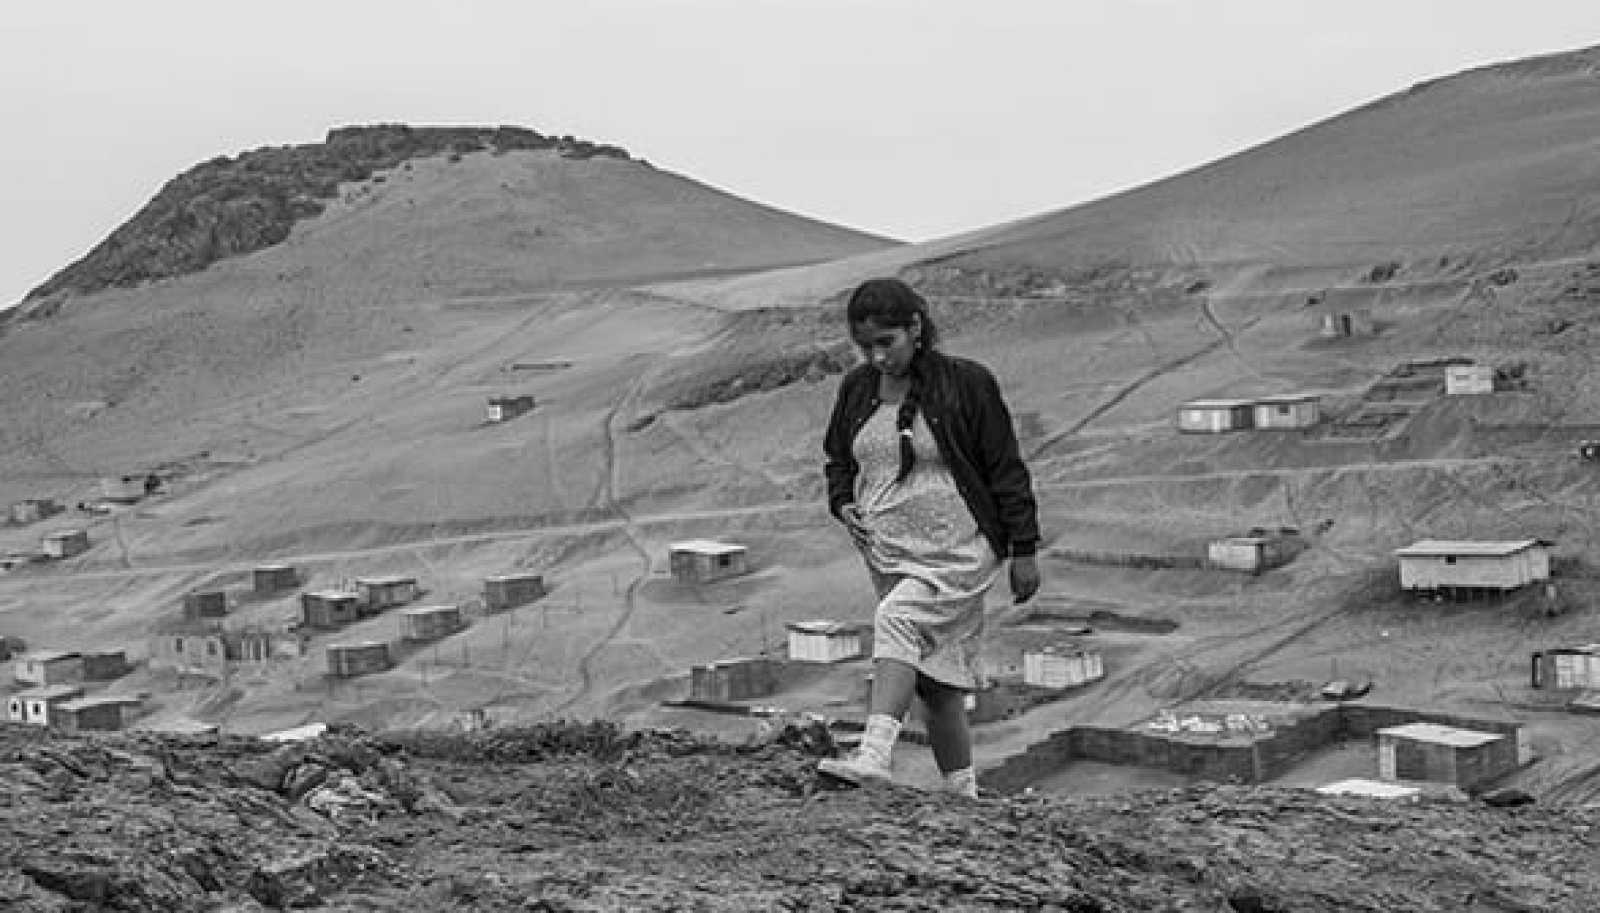 Hora América de cine - Melina León presenta 'Canción sin nombre', sobre los niños robados en Perú - 09/10/20 - Escuchar ahora